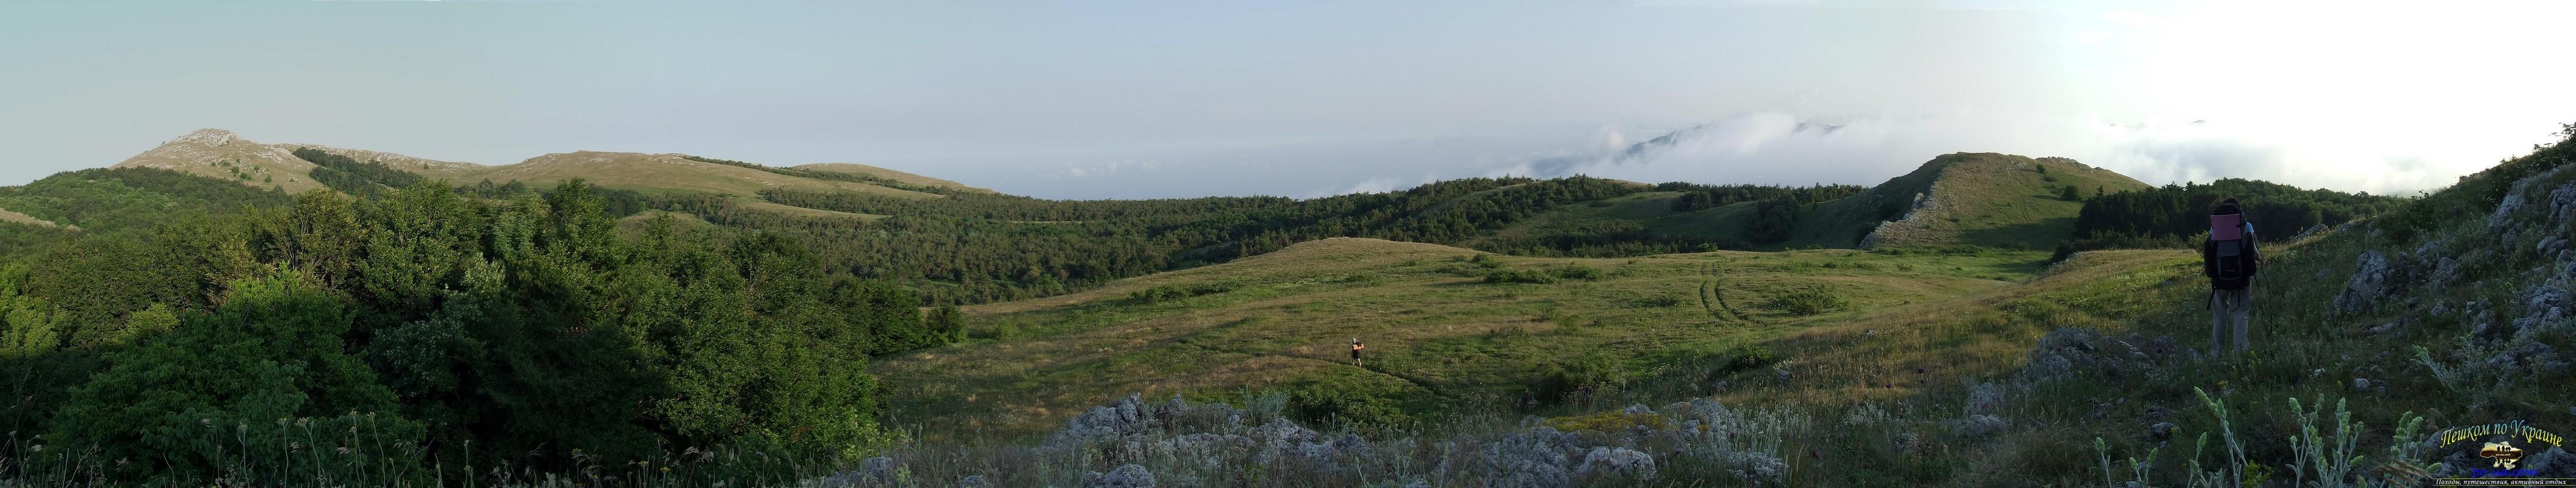 Верхнее плато Караби-яйлы